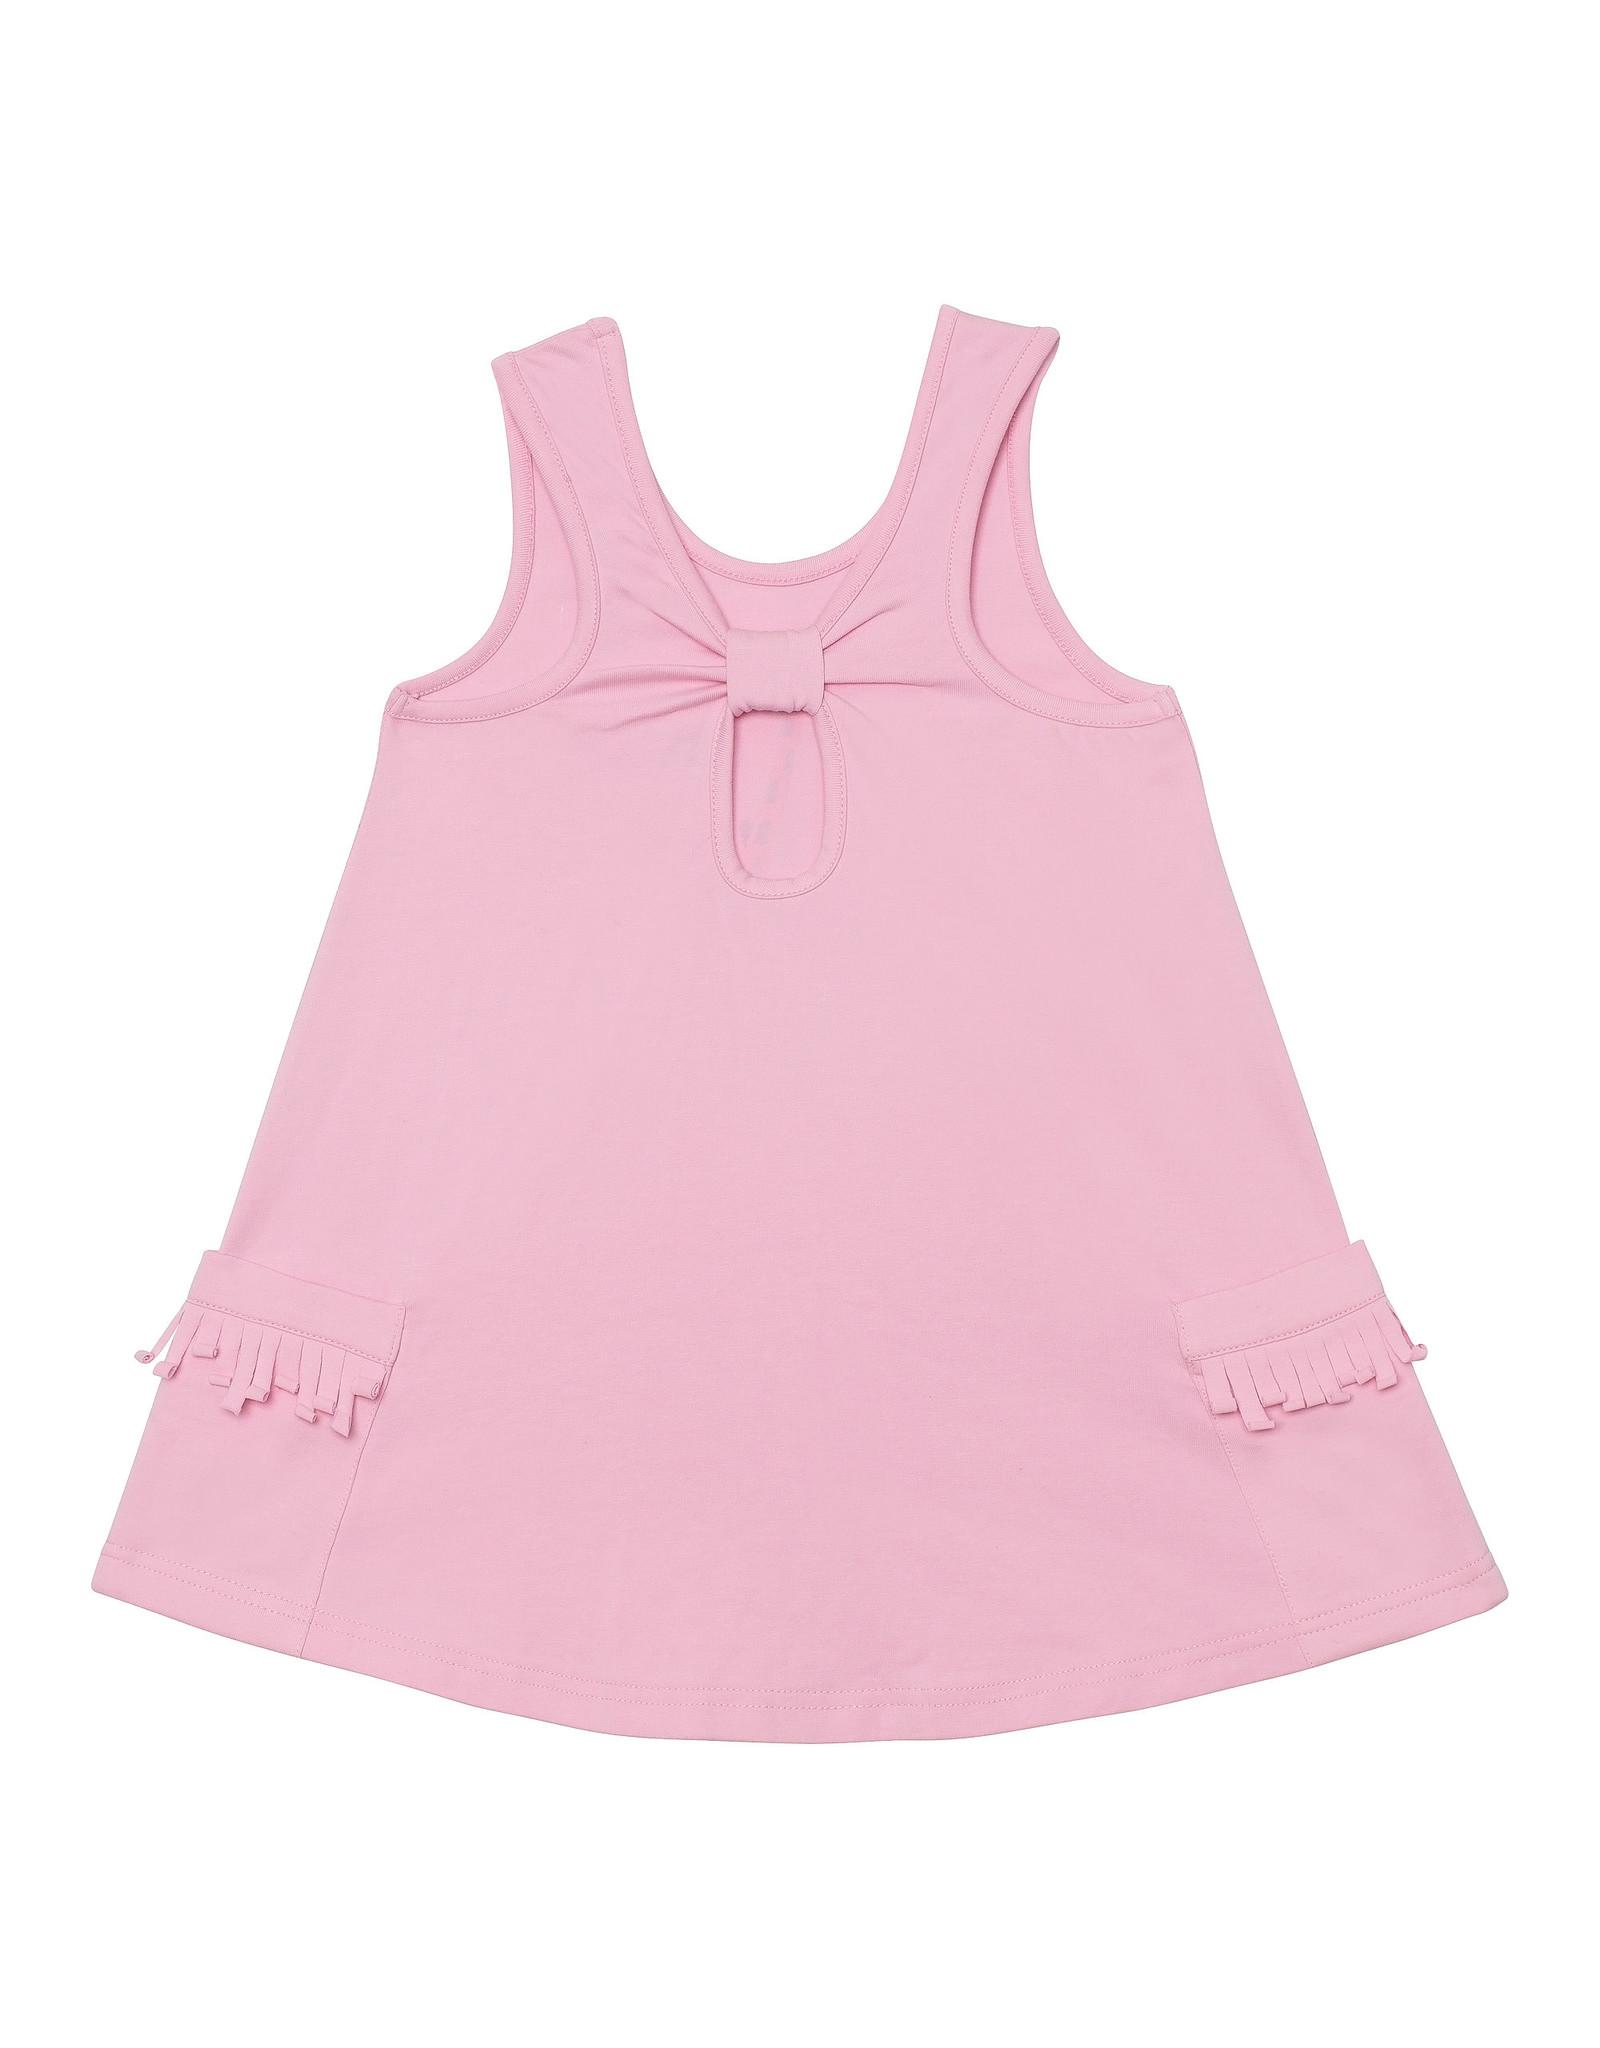 Deux Par Deux Organic Cotton Tunic with Print - Pink